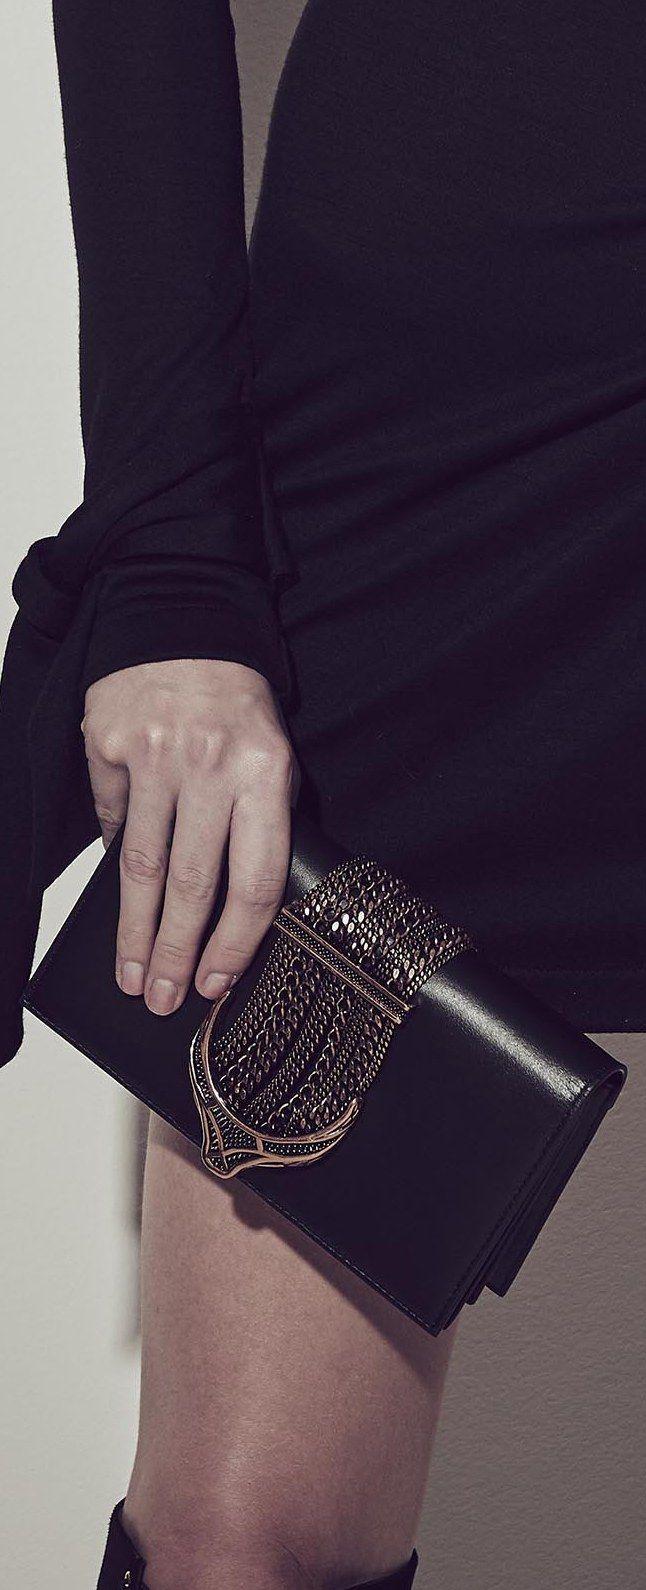 Roberto Cavalli Pre Fall 2020 Italian Fashion Designers Italian Fashion Roberto Cavalli